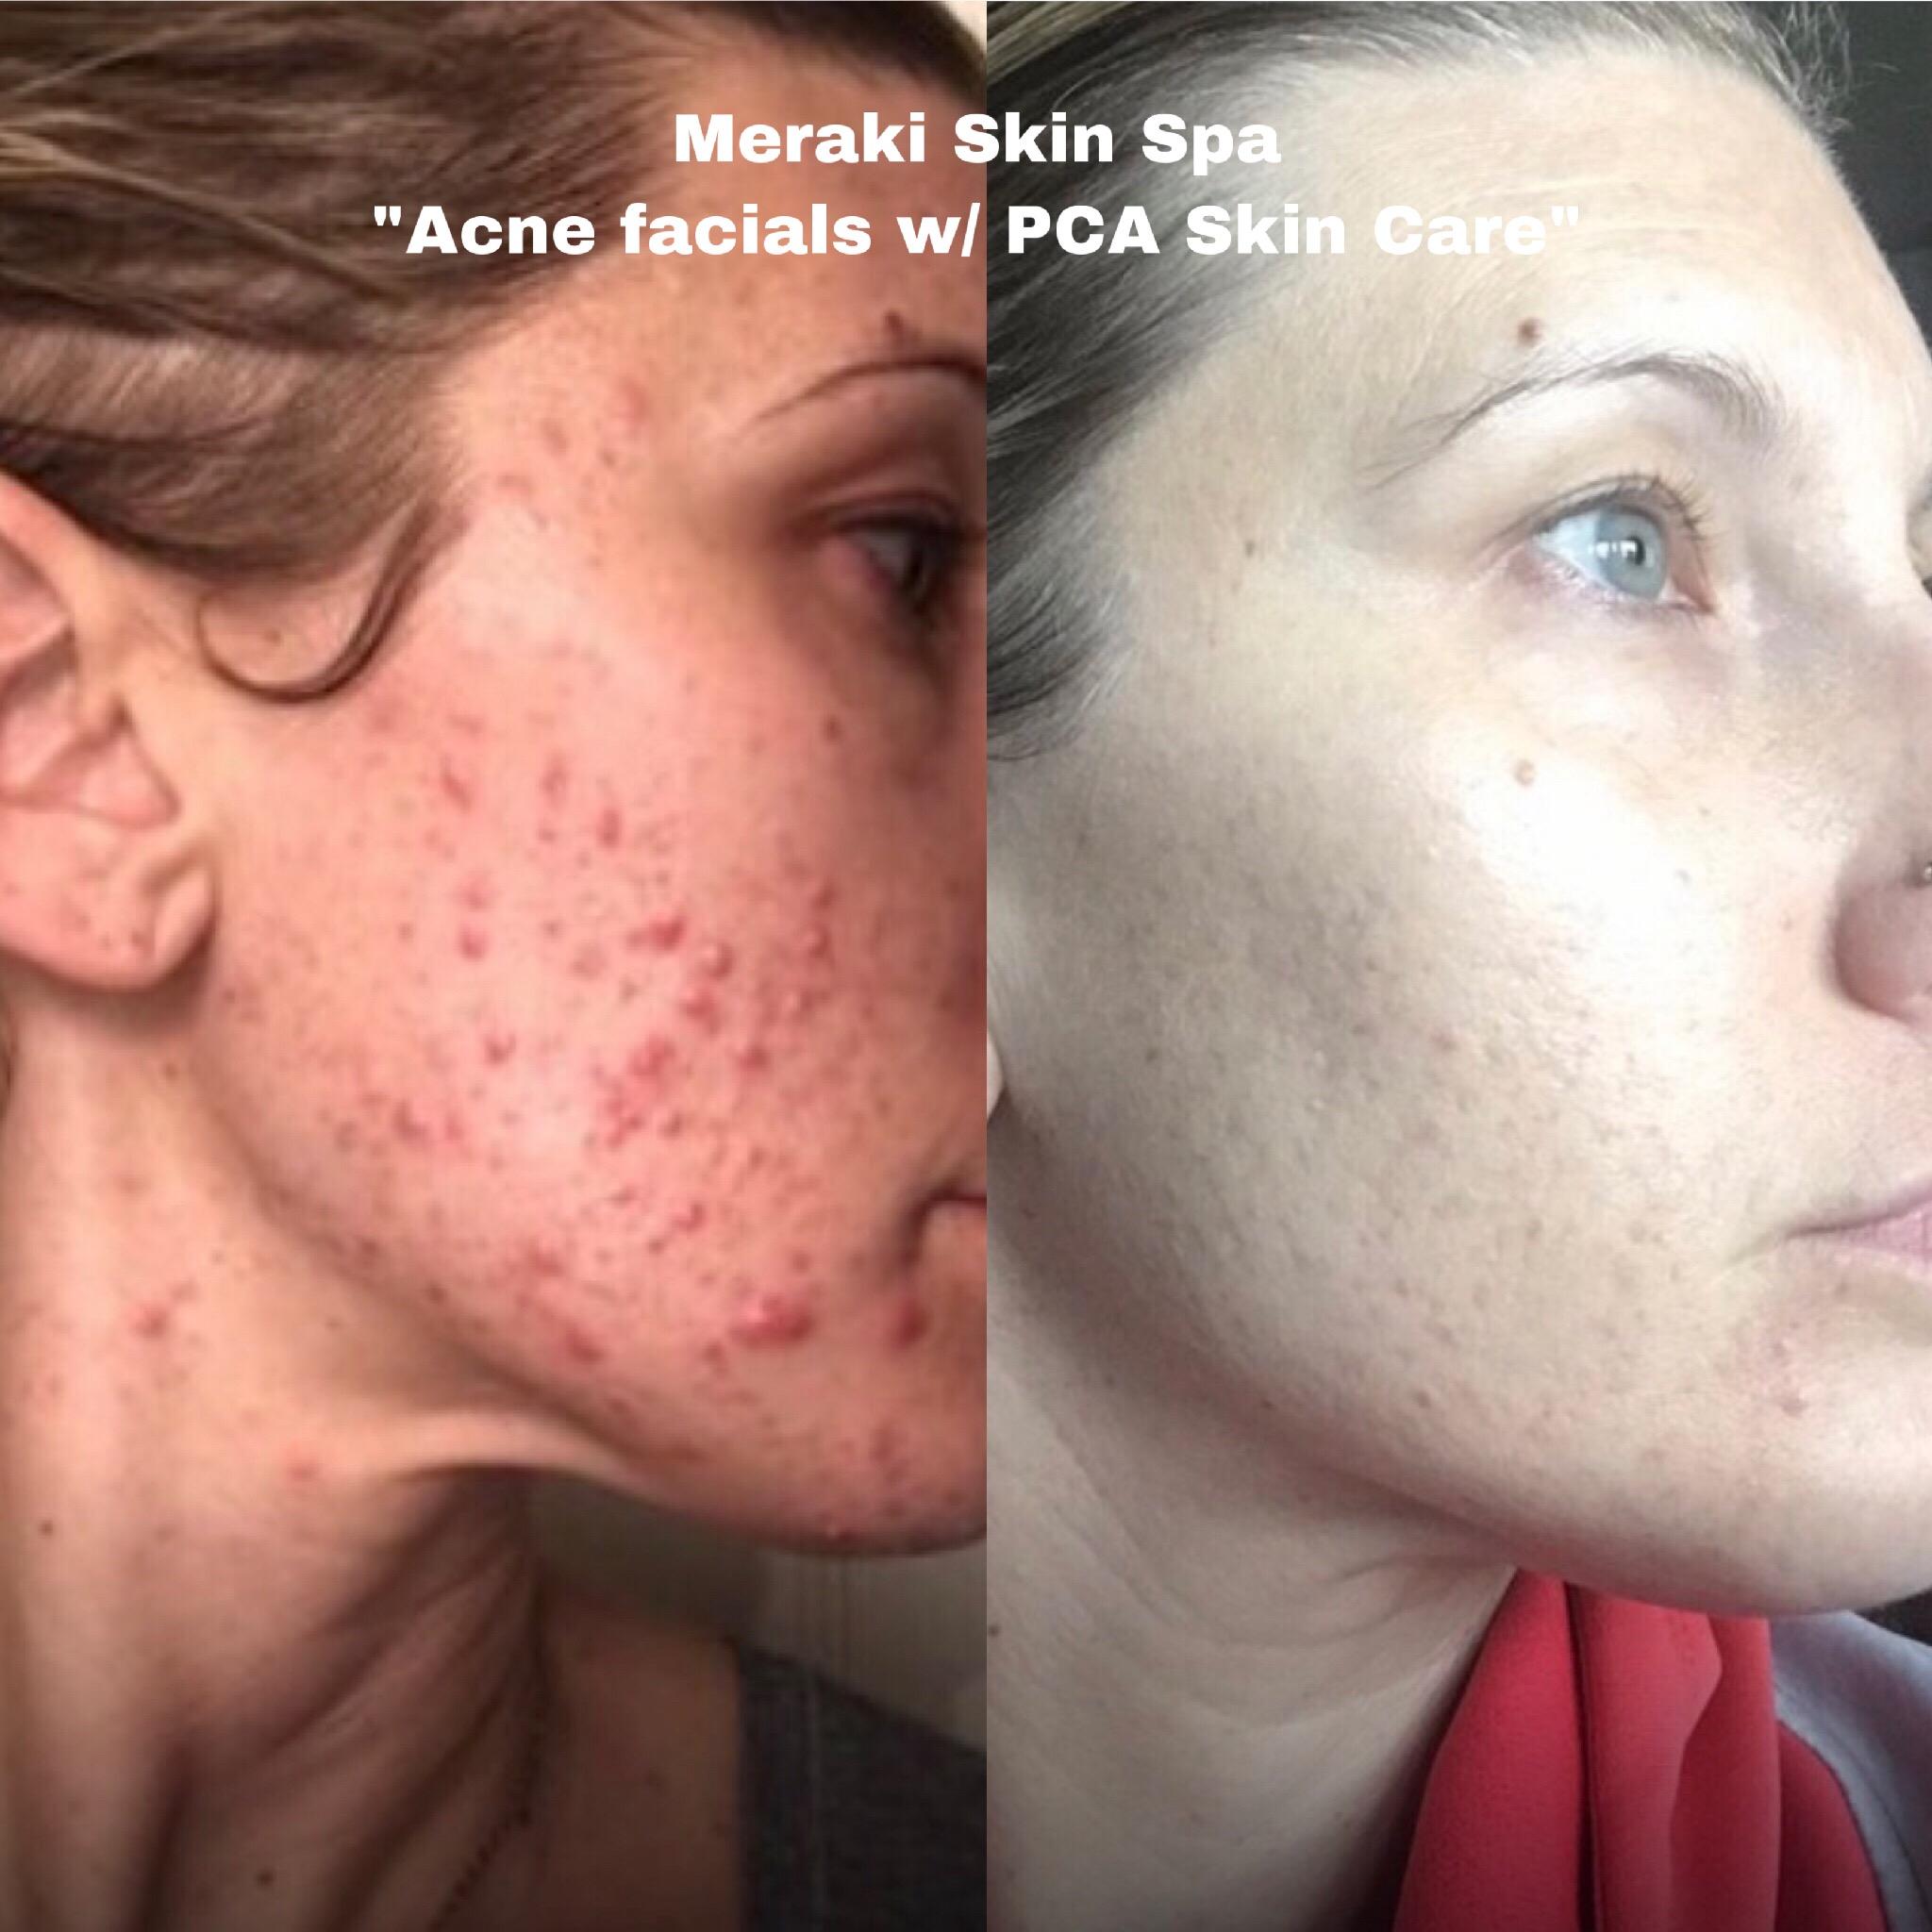 Alt text Lauren Acne facial treatment 3